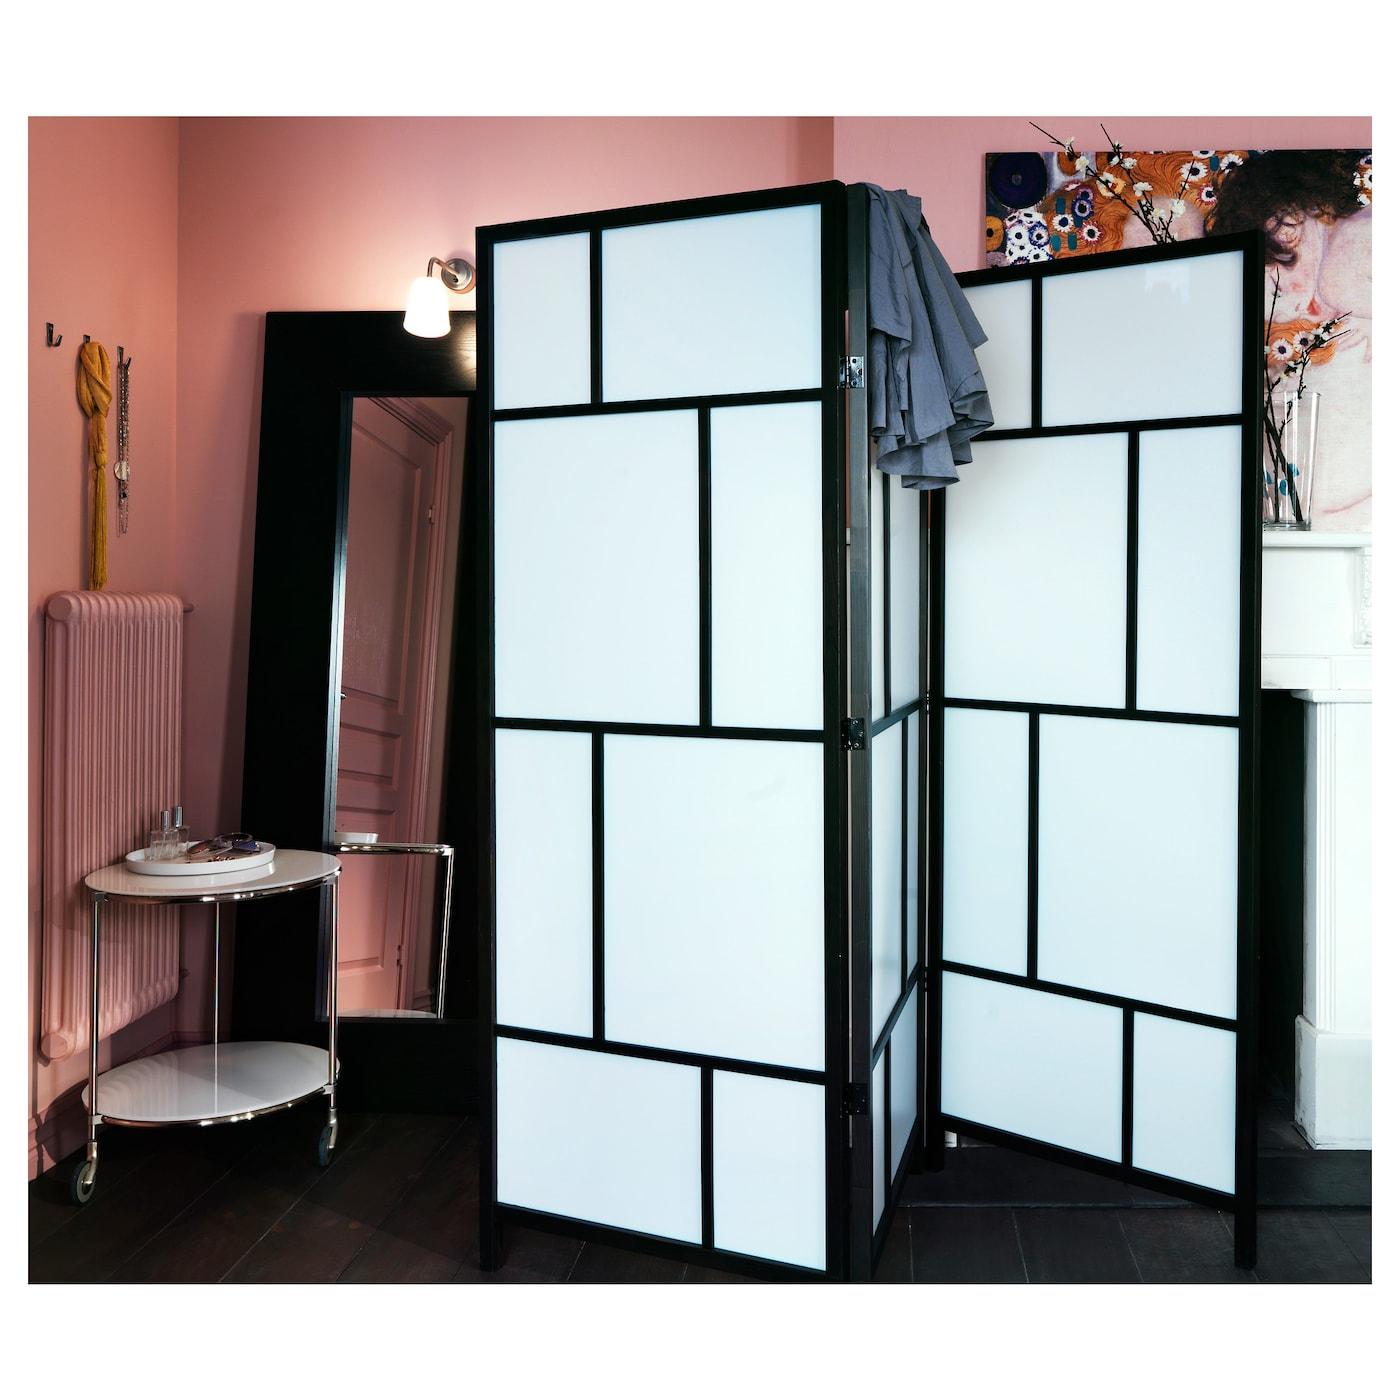 RisÖr Room Divider White Black Ikea